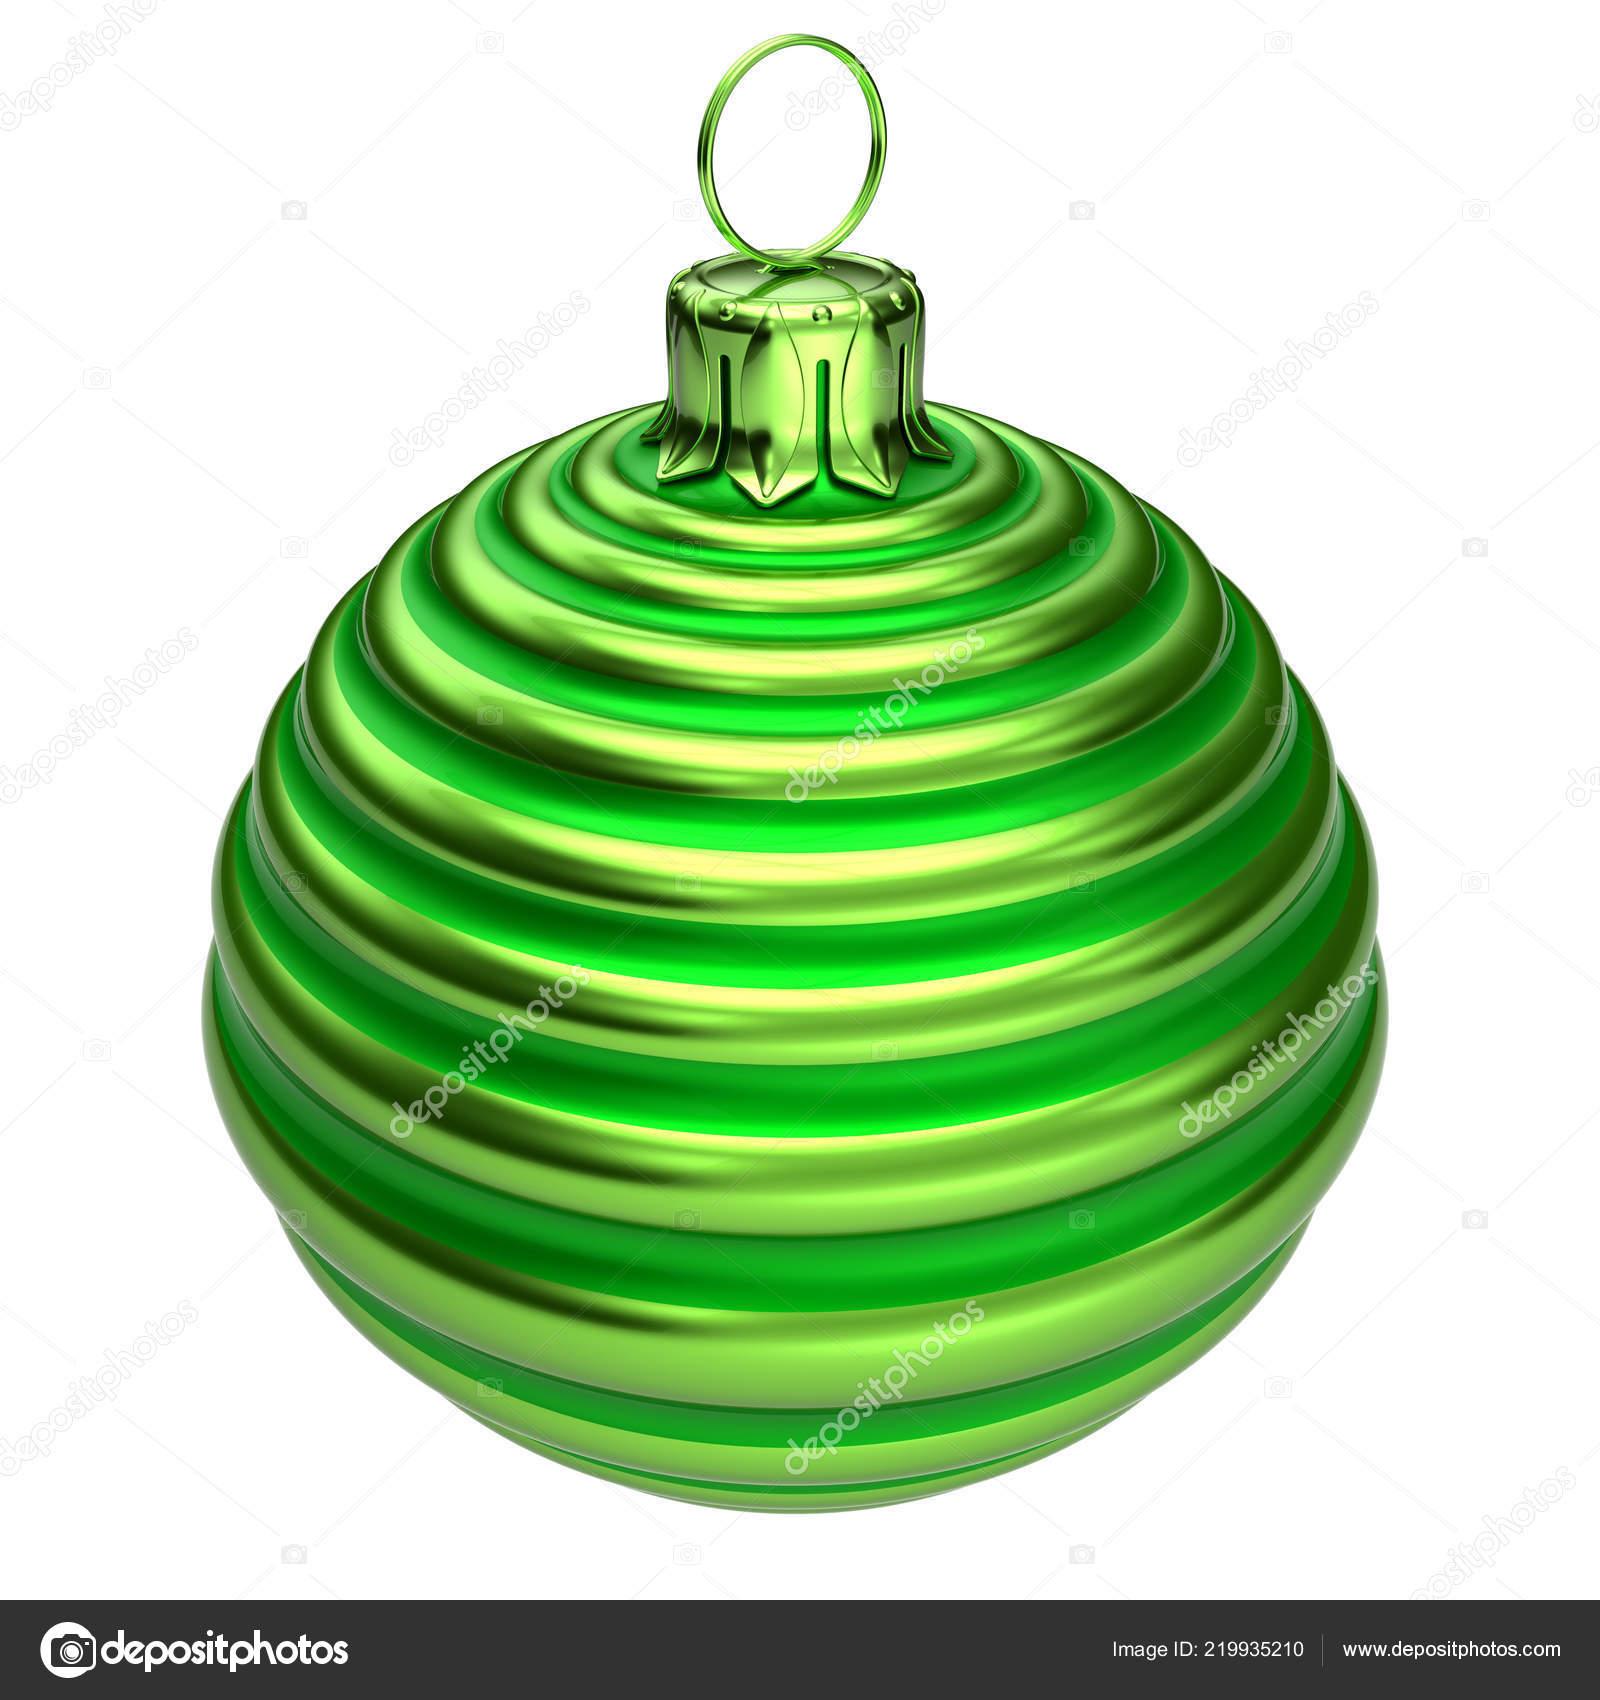 c60471b9623 Navidad bolas de Navidad decoración closeup a rayas verde. Day de año nuevo  Eve colgante Adorno decoración tradicional